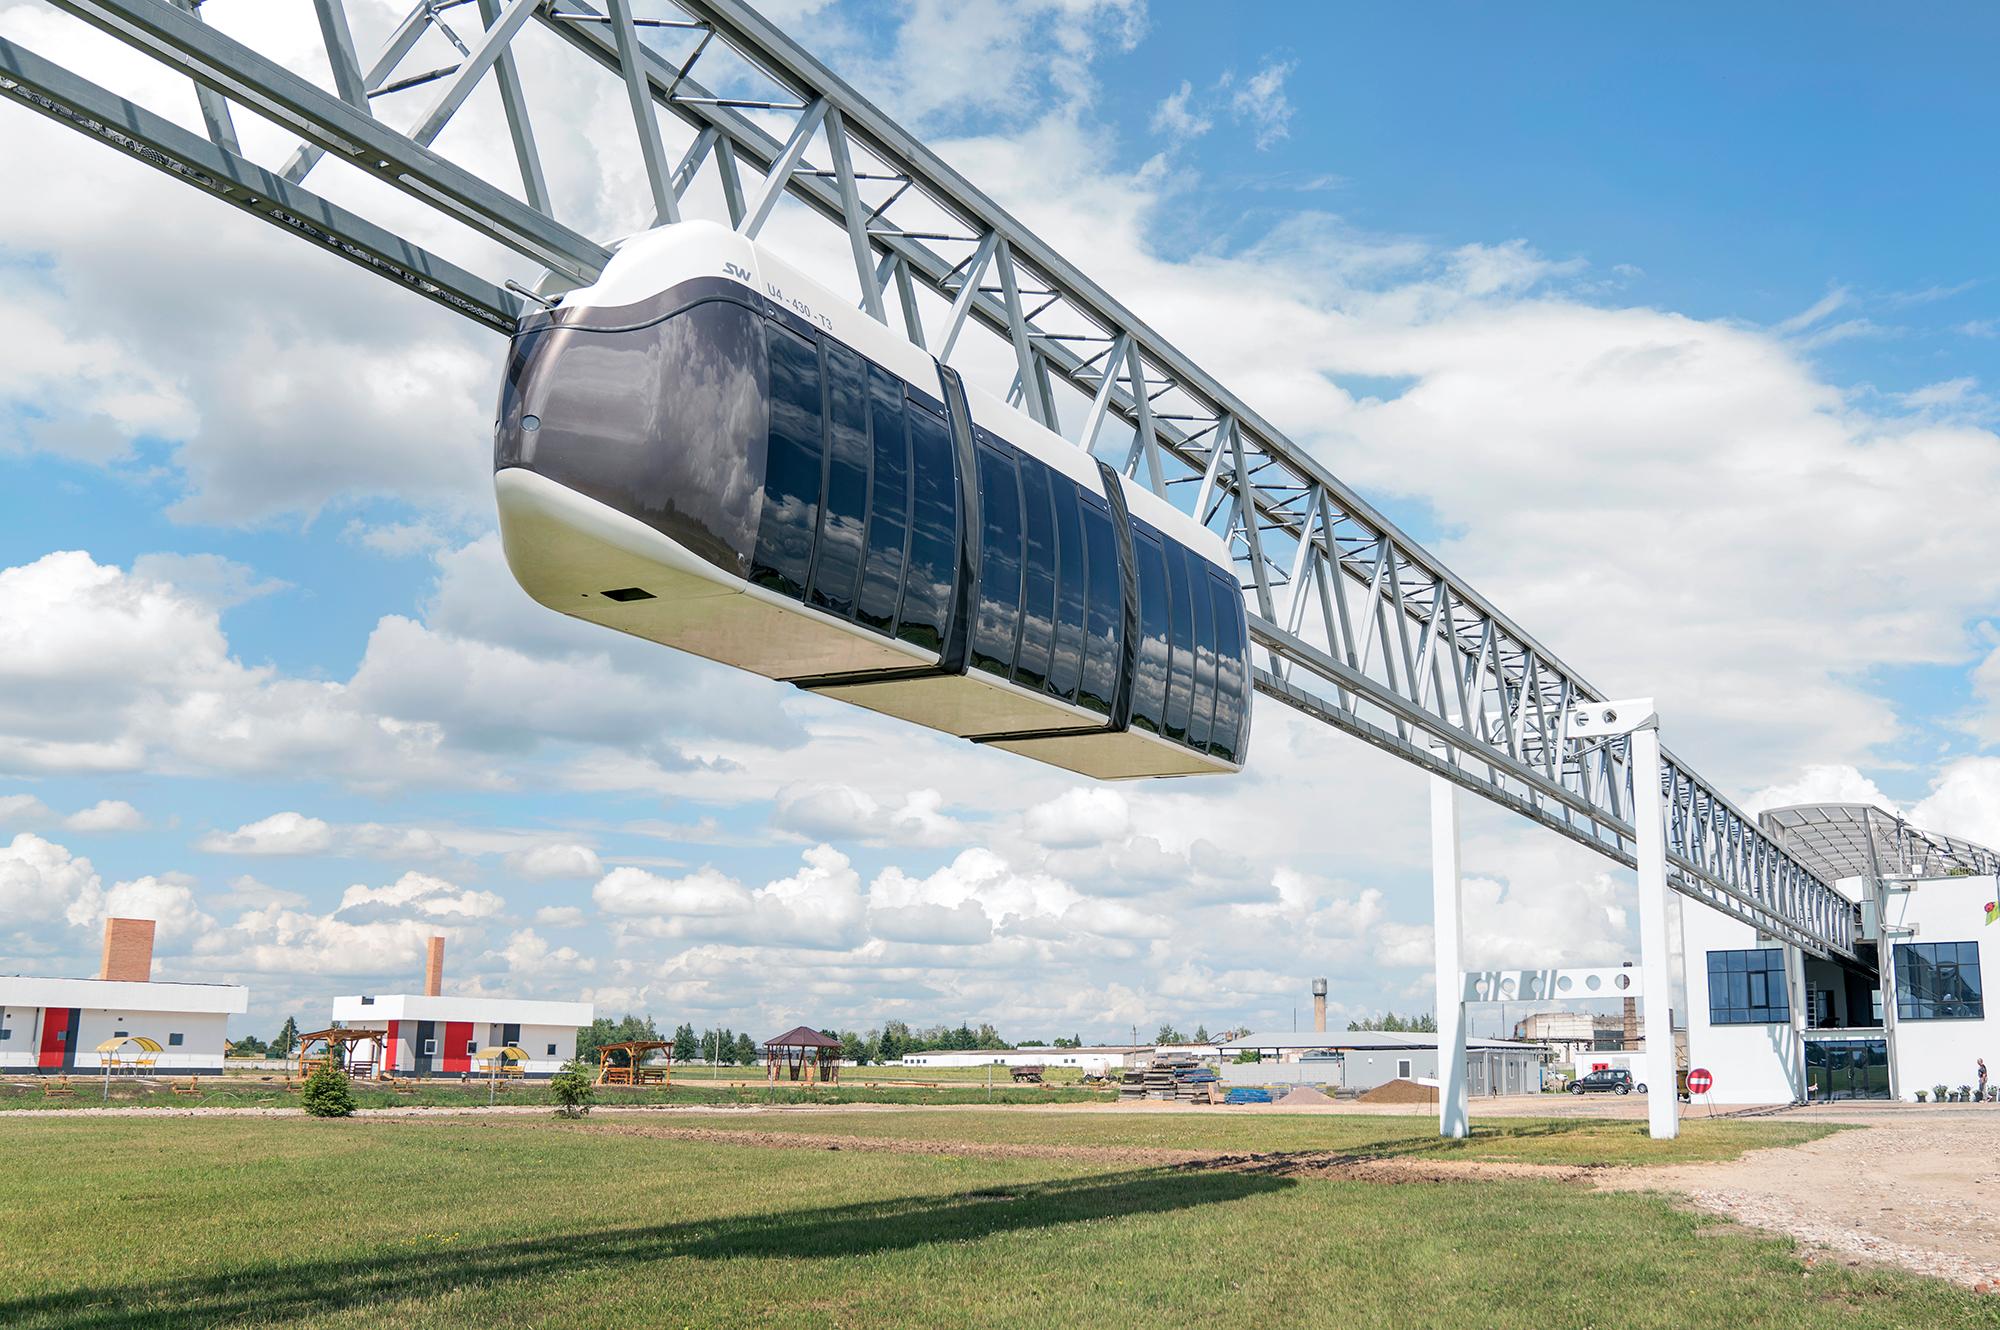 струнный транспорт skyway